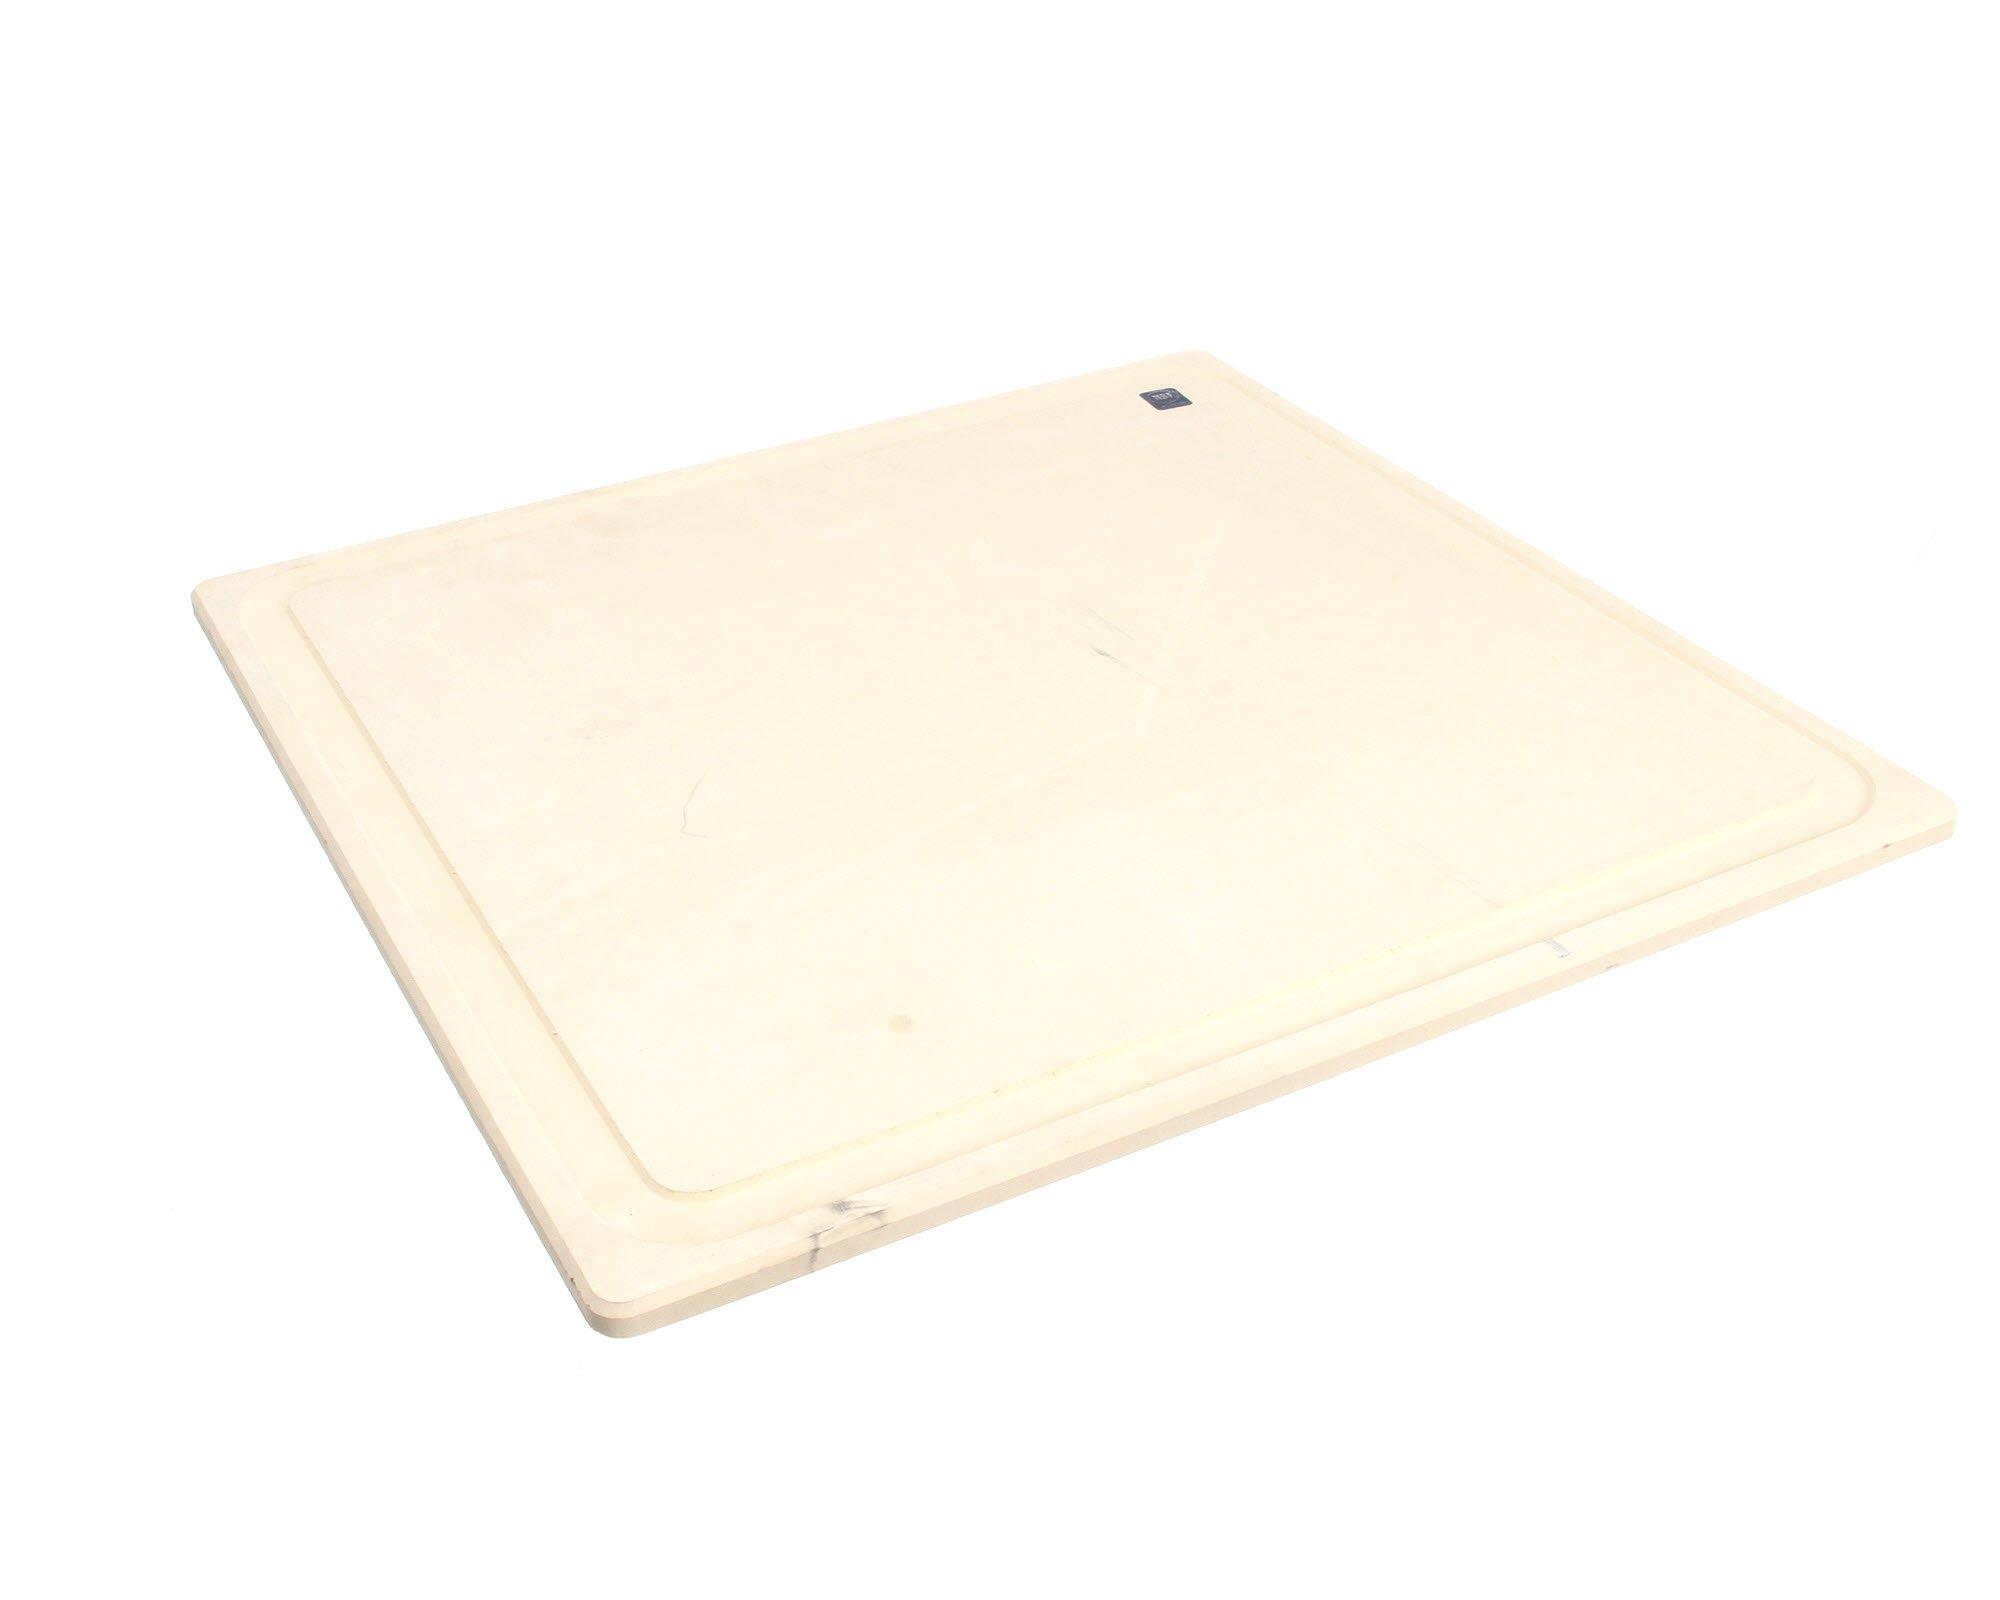 Alto Shaam BA-28066 Cutting Board, Sani-Tuff Rubber, CS